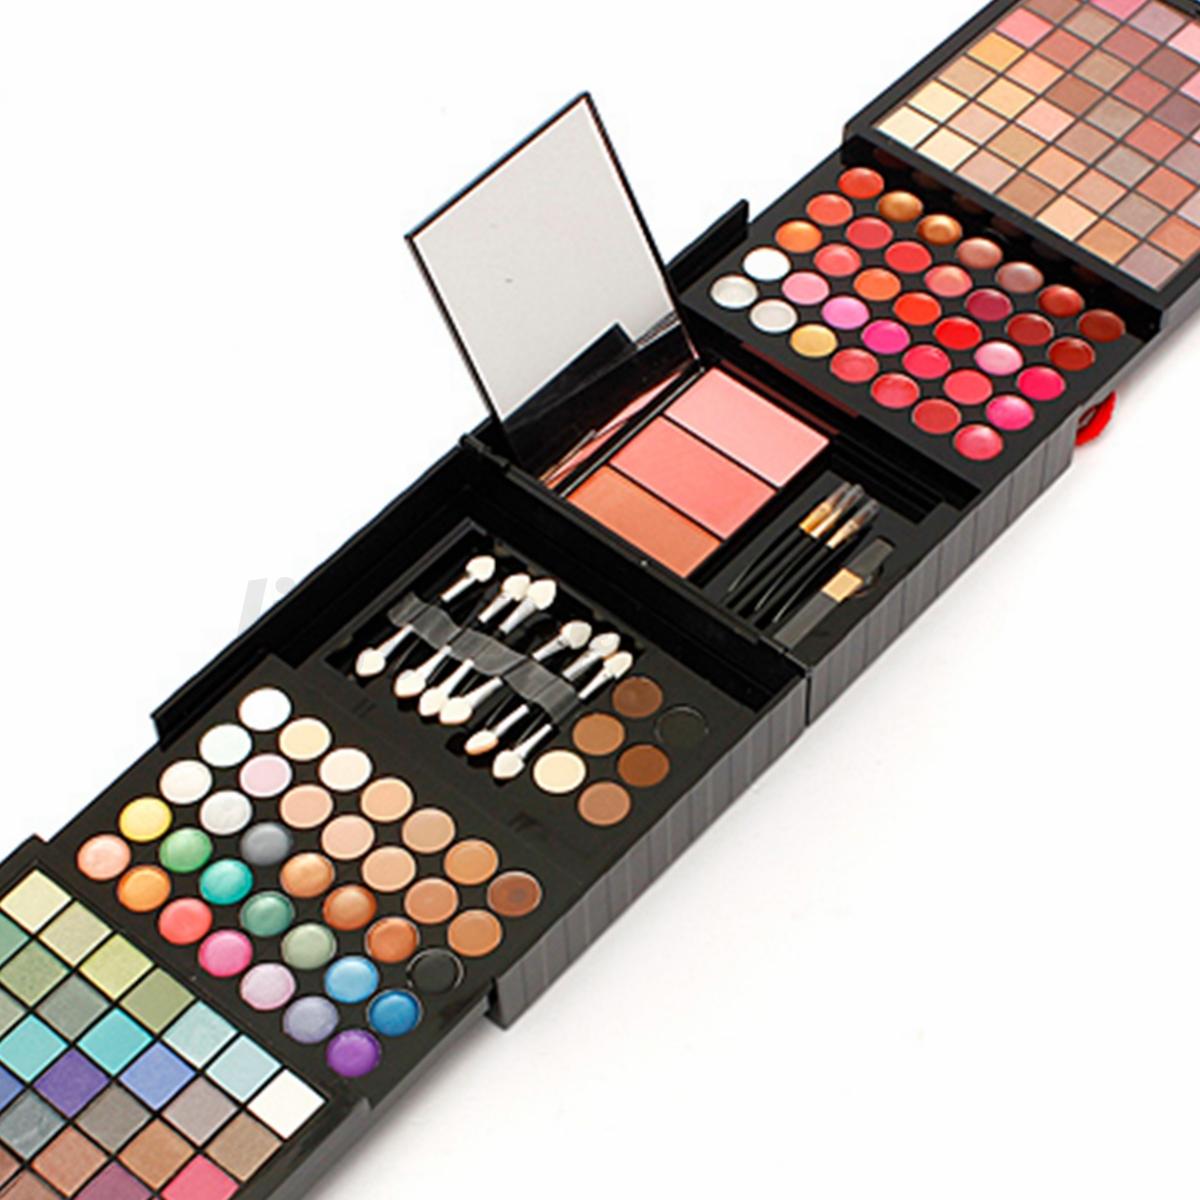 Pro makeup palette